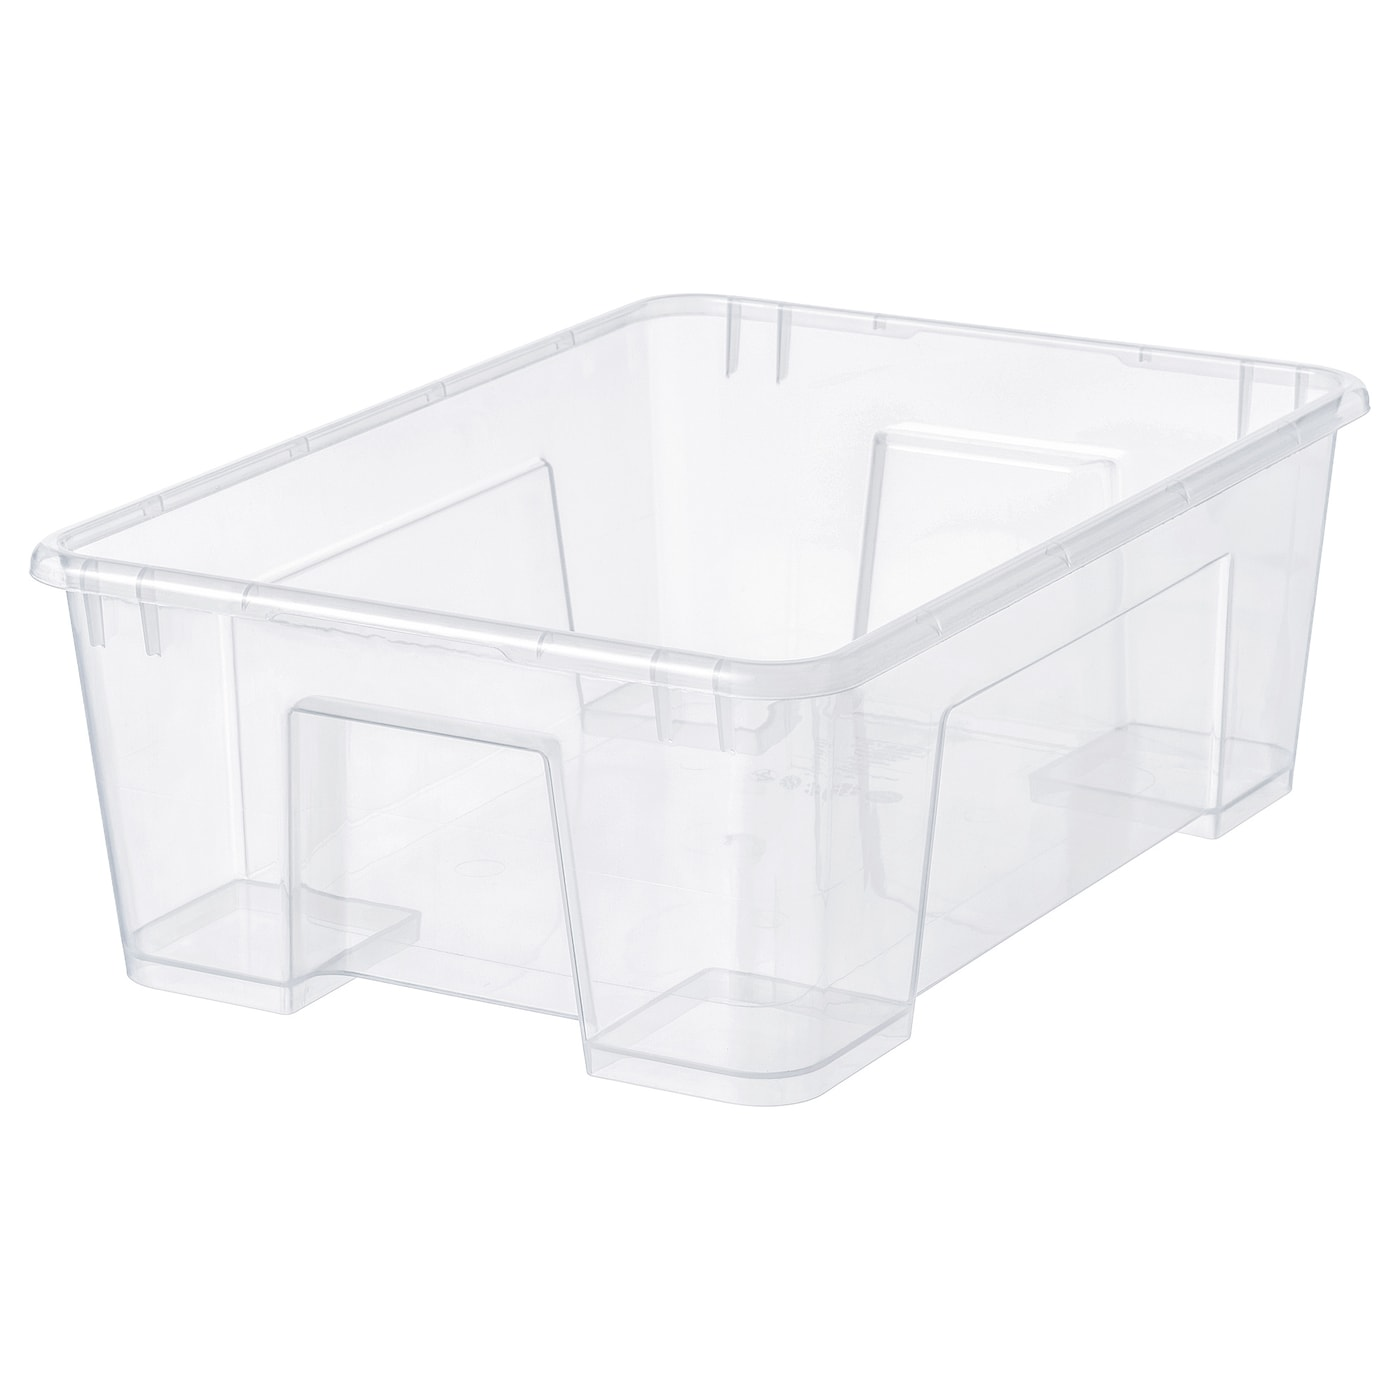 100 Fantastique Concepts Ikea Boîtes Rangement Secondaire